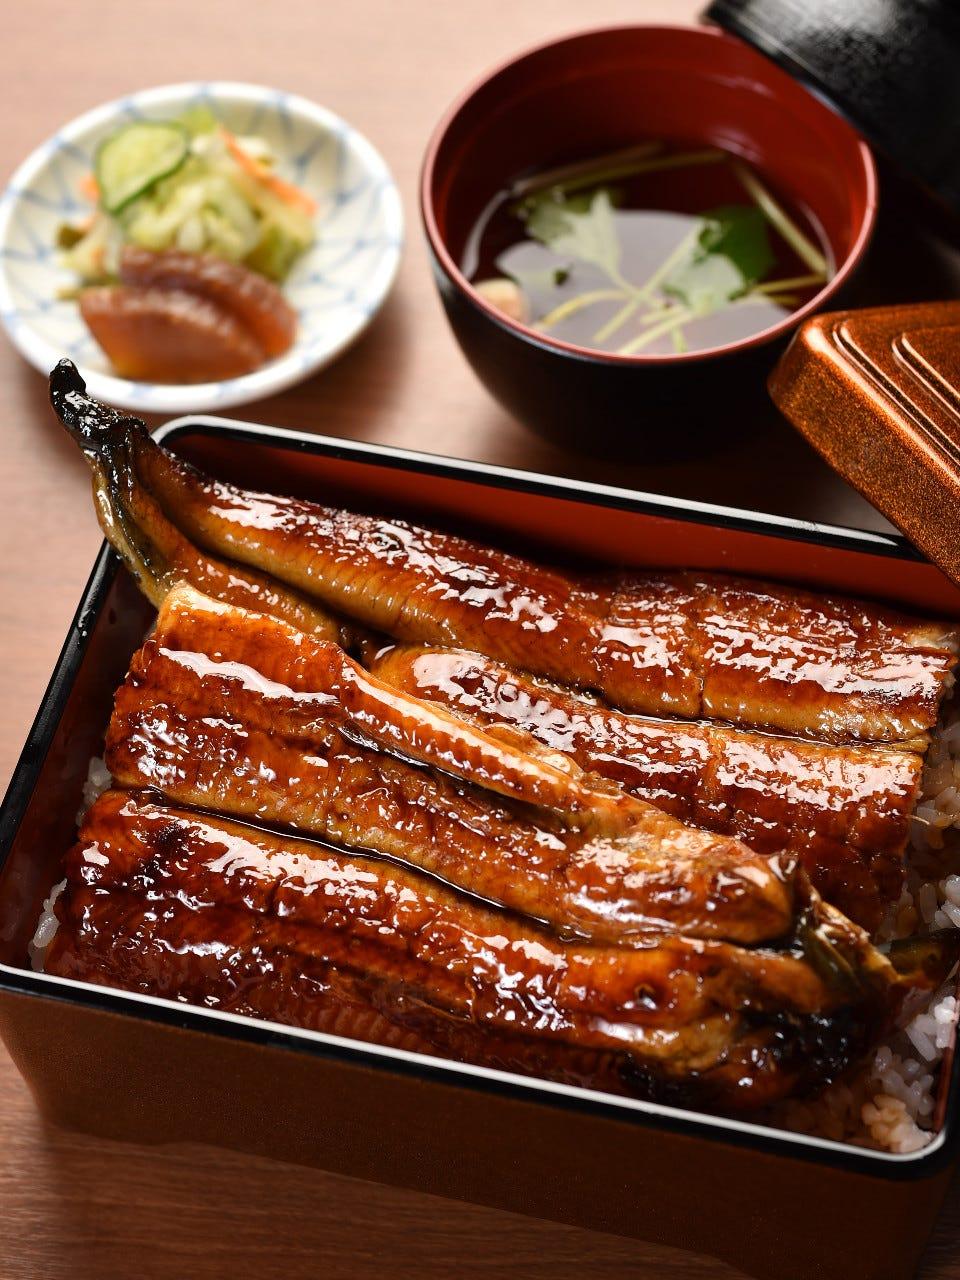 丁寧に焼き上げた、本格的な炭焼鰻